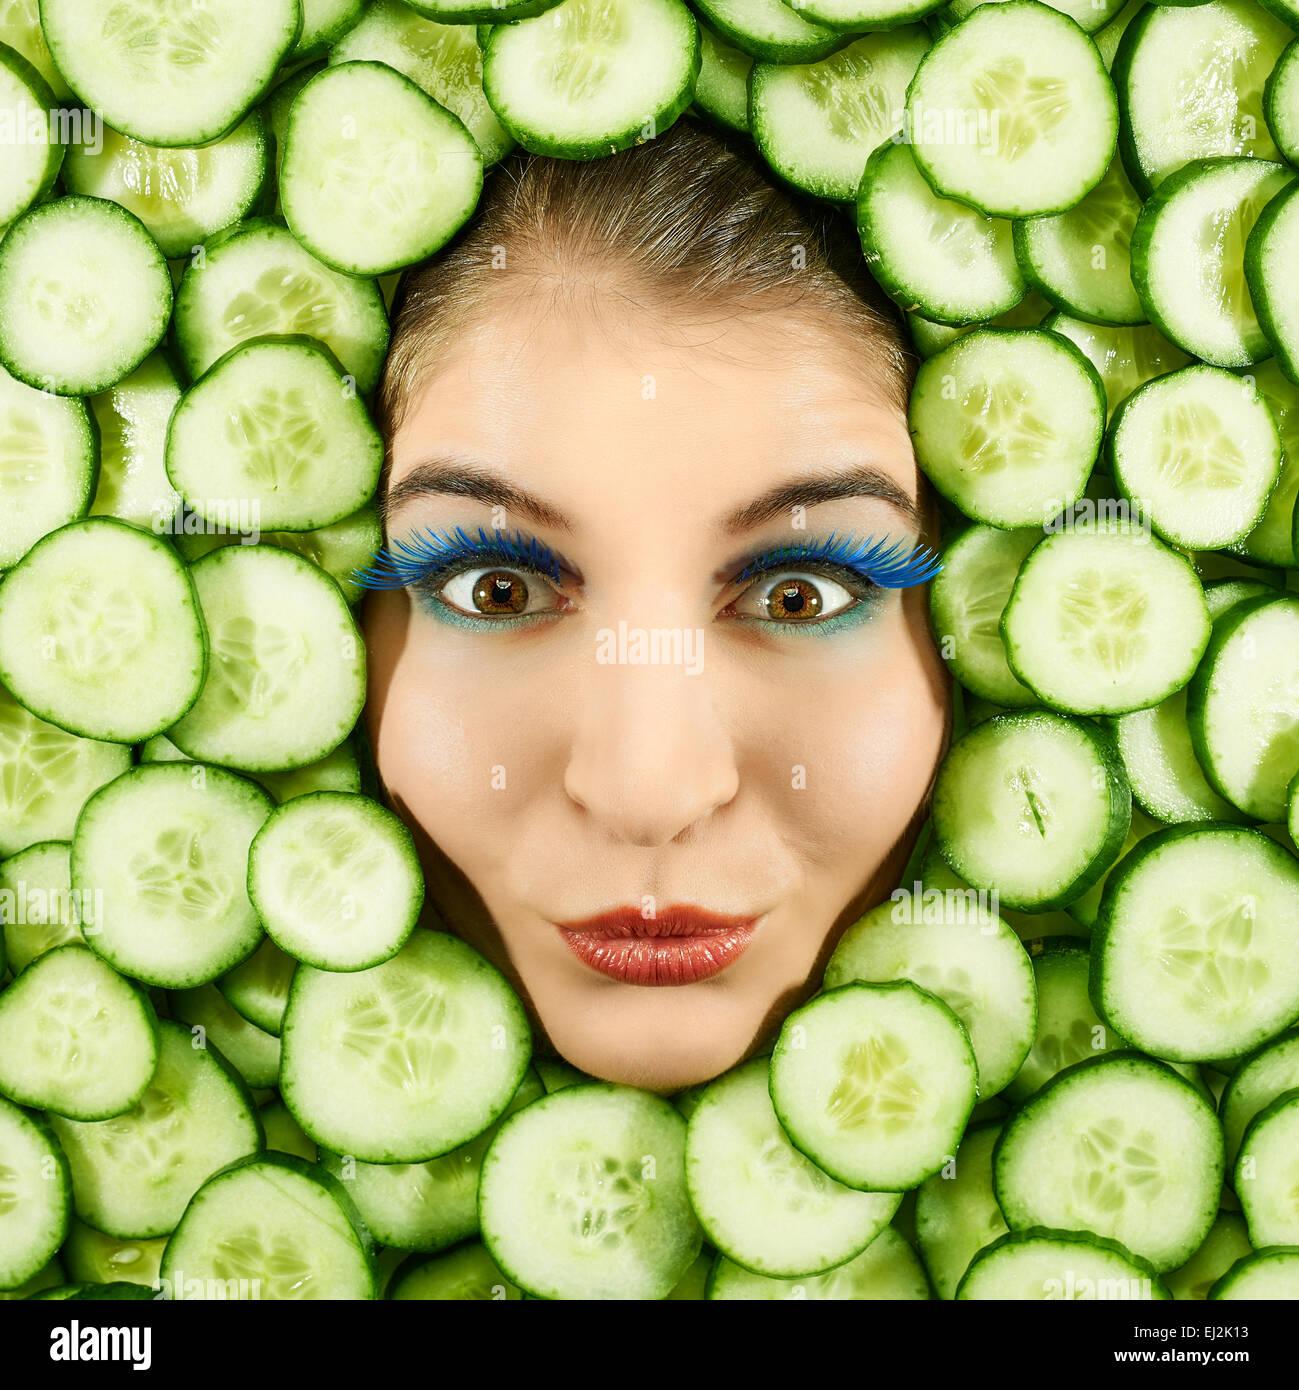 Schöne Frau Ausdruck Gesicht mit Gurke Stück Rahmen Stockfoto, Bild ...